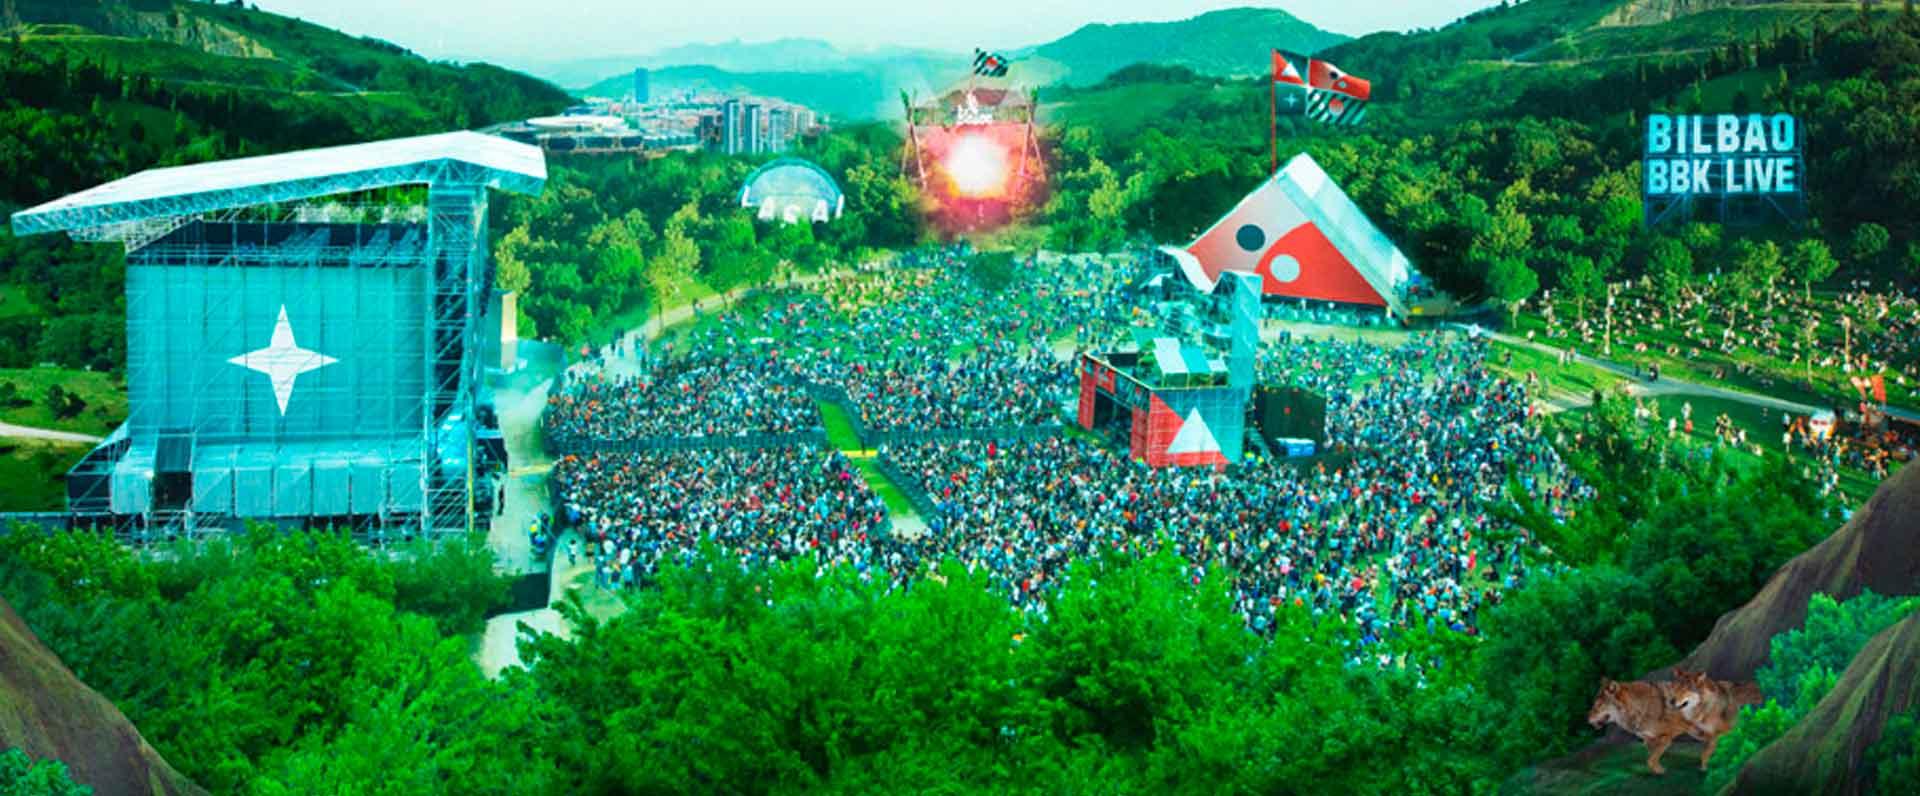 festival_erronka_garbia.jpg